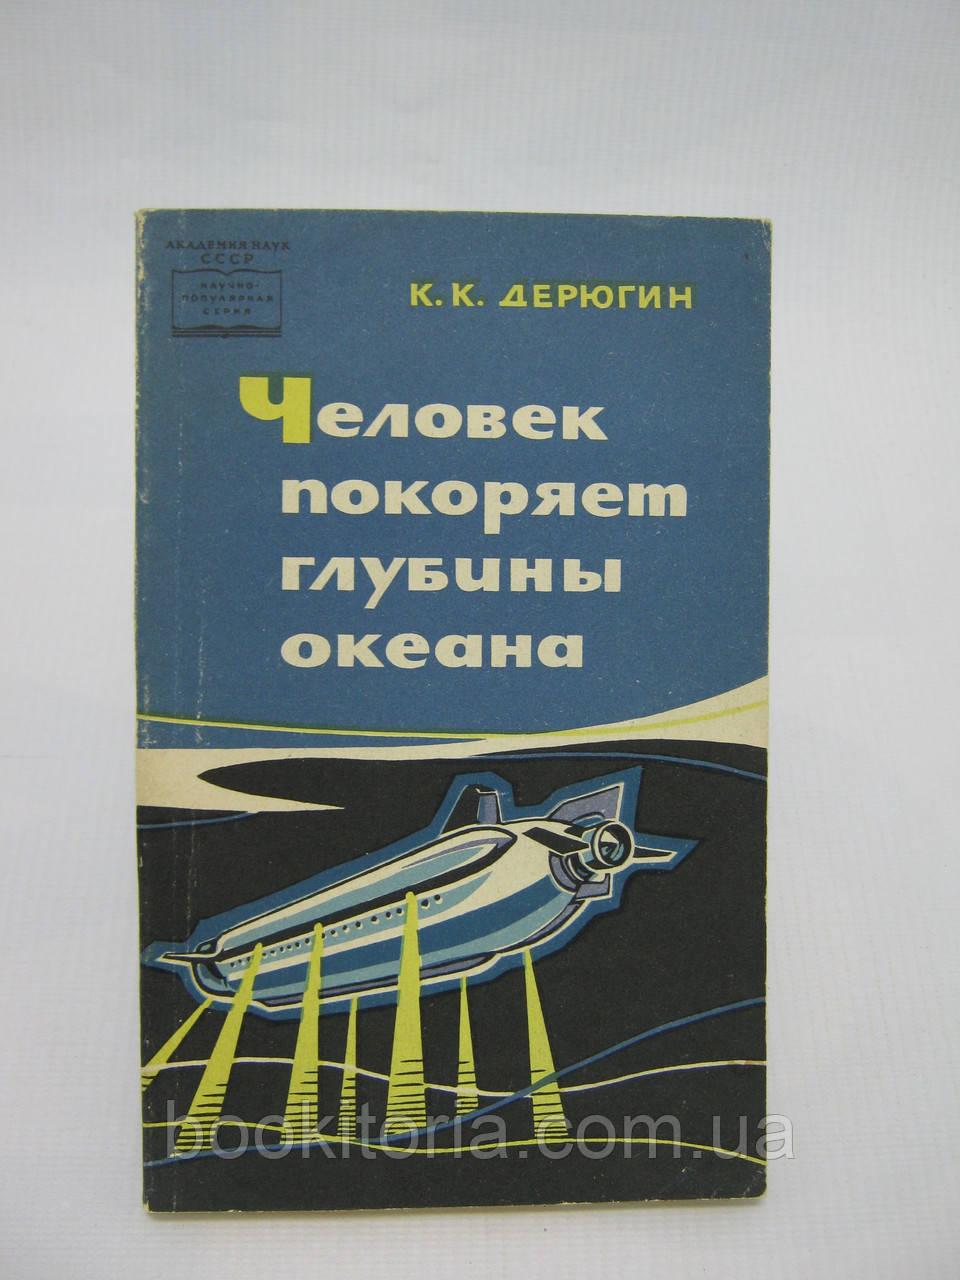 Дерюгин К.К. Человек покоряет глубины океана (б/у).